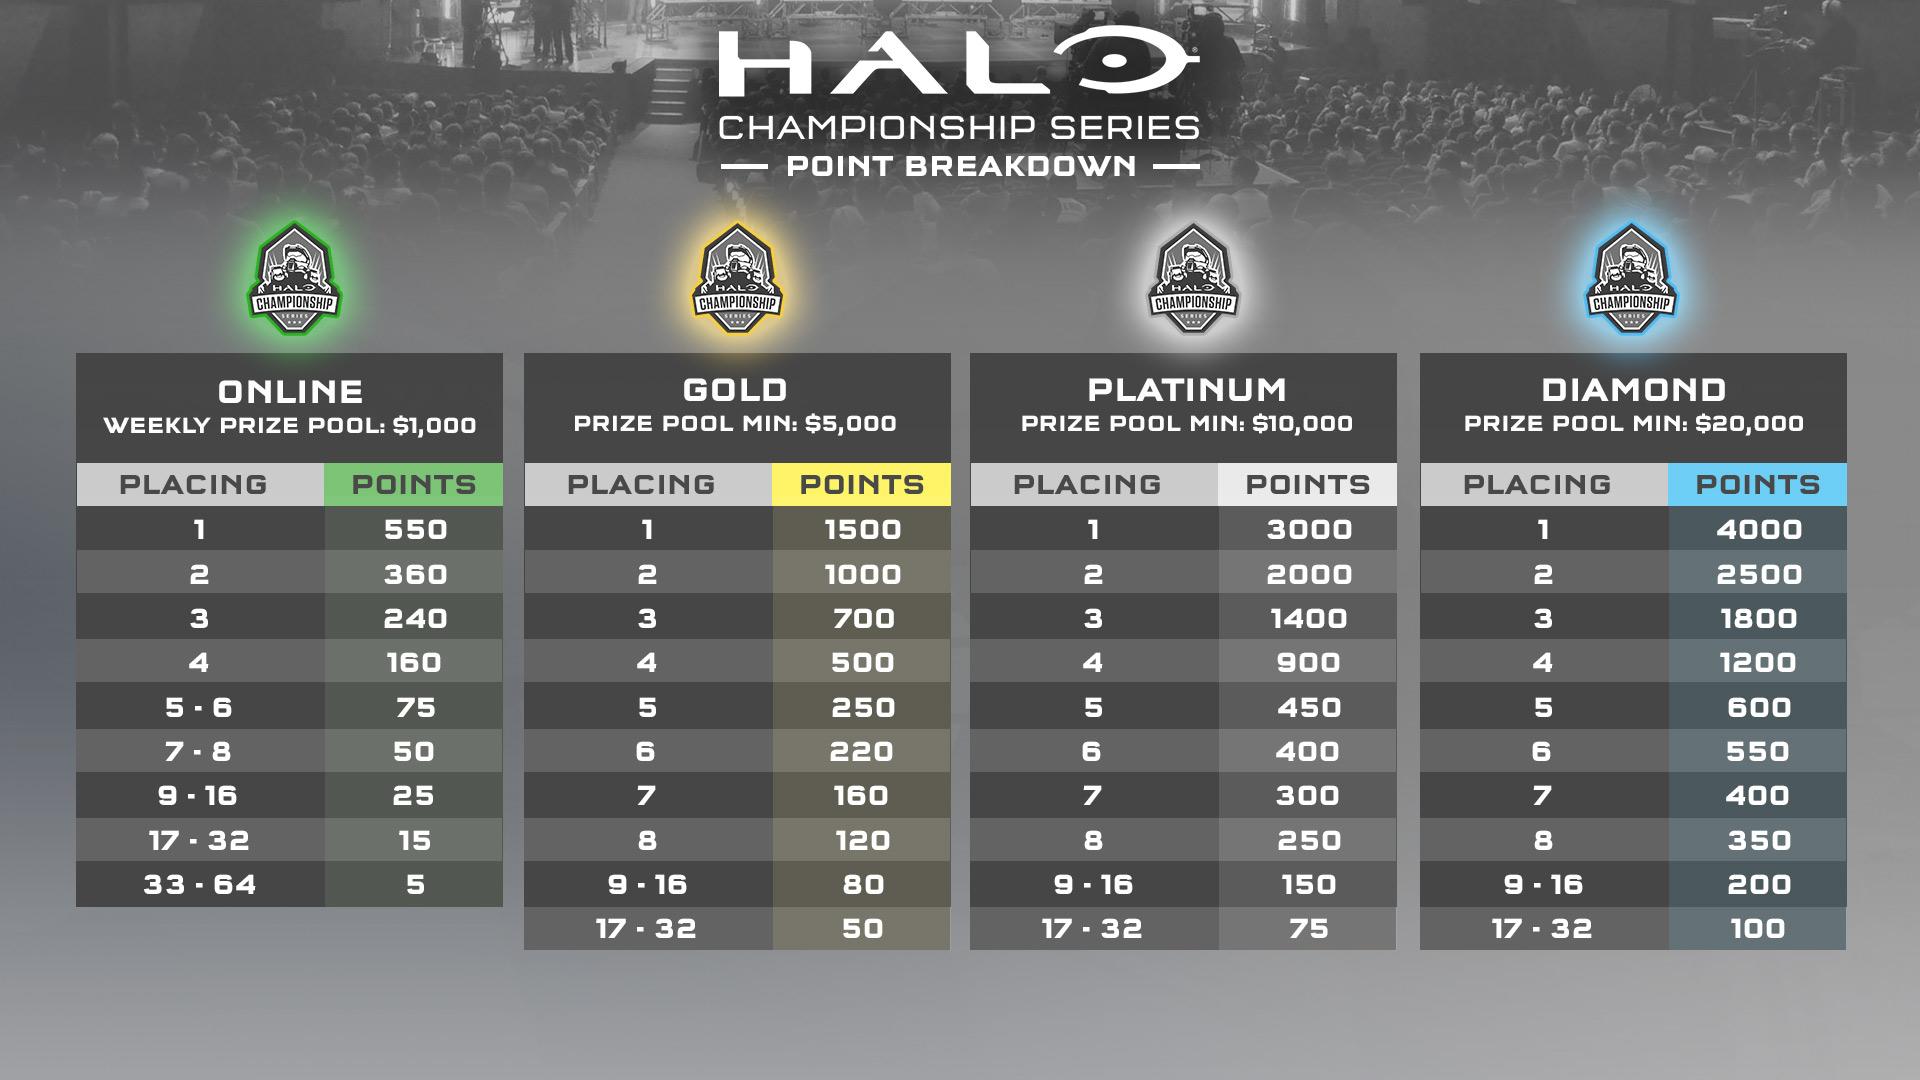 Halo 4 tournament prizes